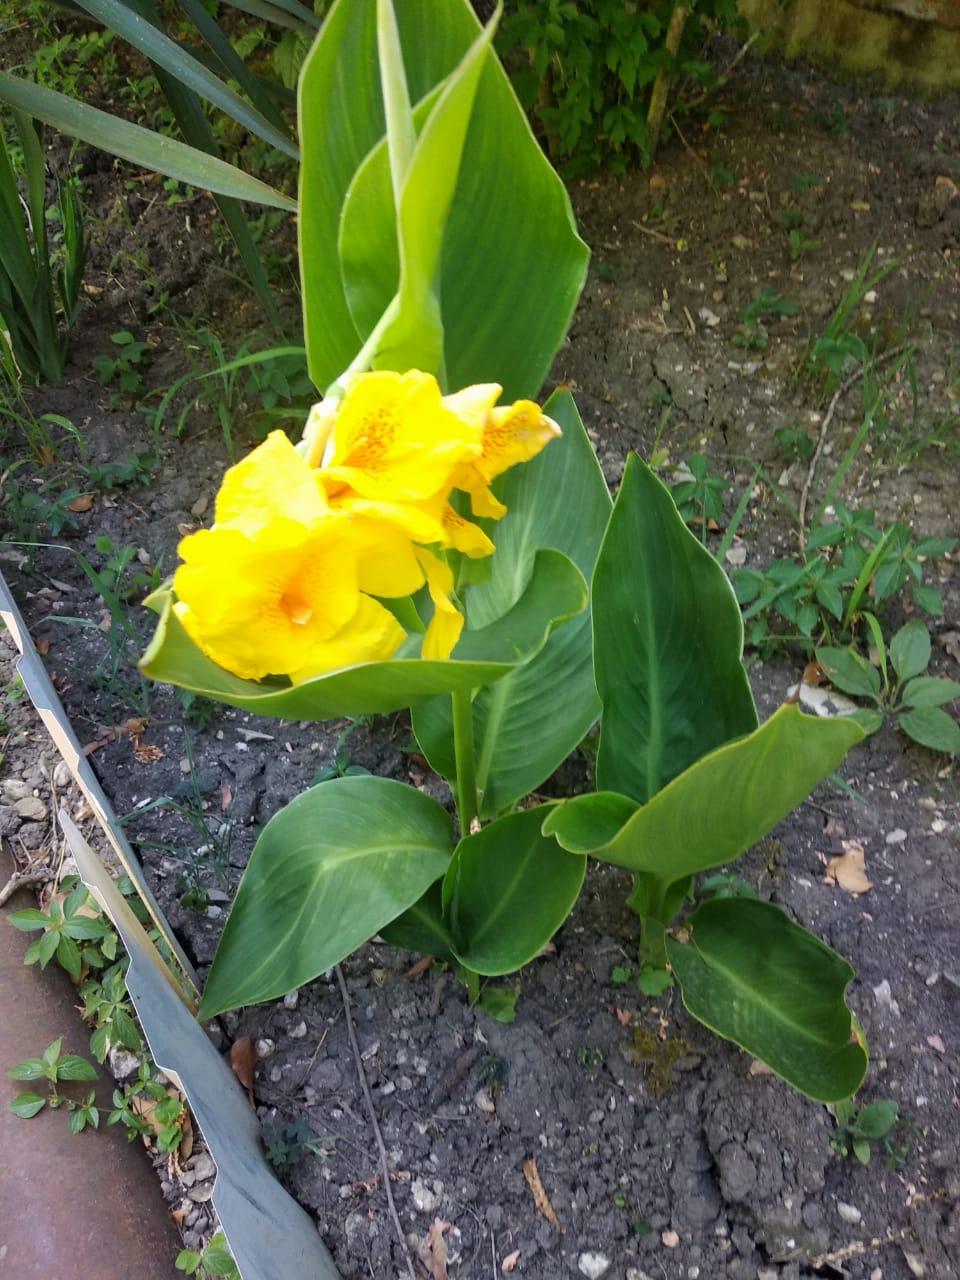 Прекрасный жёлтый 🐥. Блиц: желтые цветы